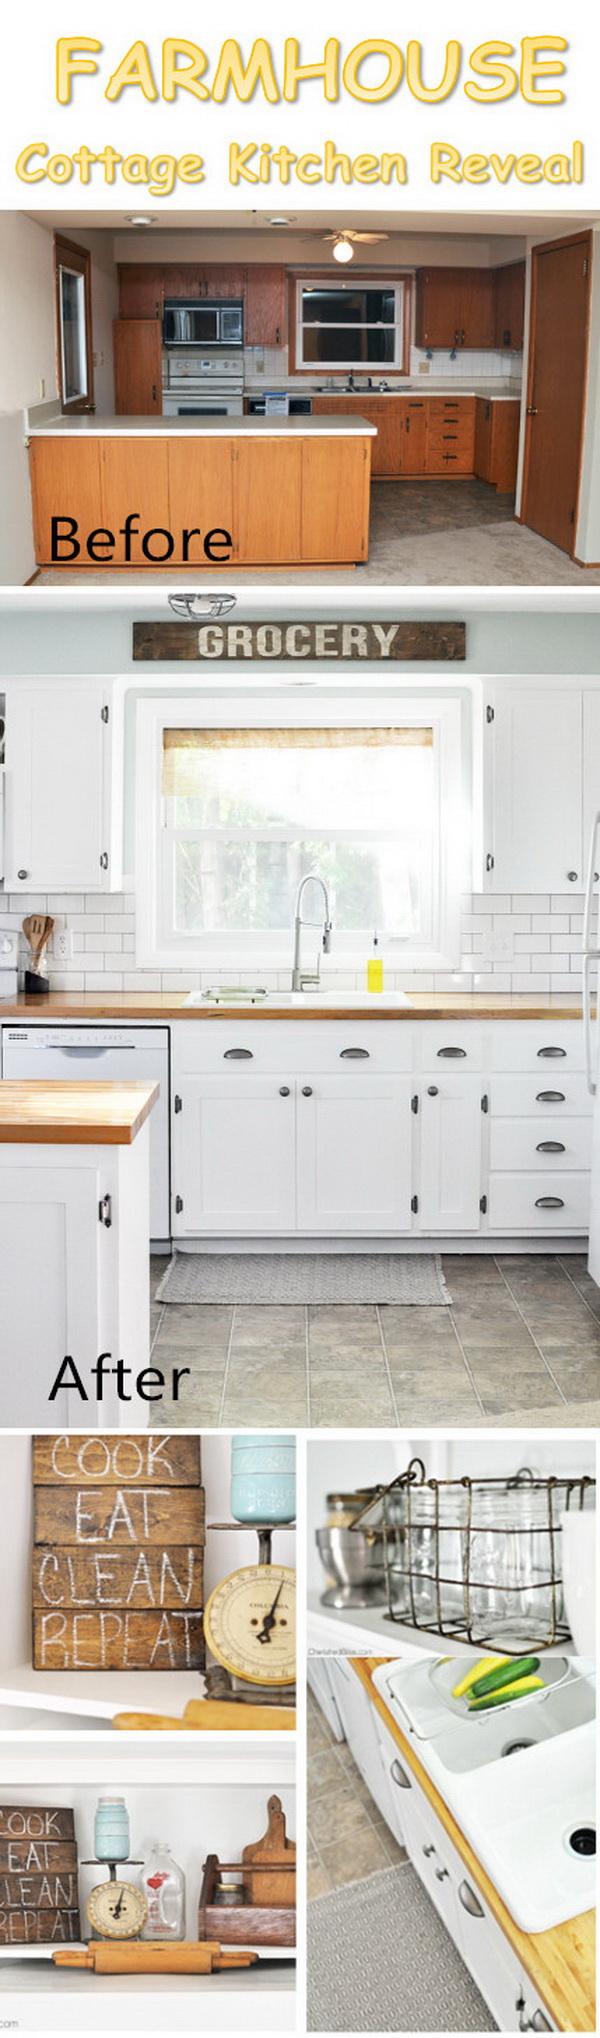 Farmhouse Cottage Kitchen Reveal.